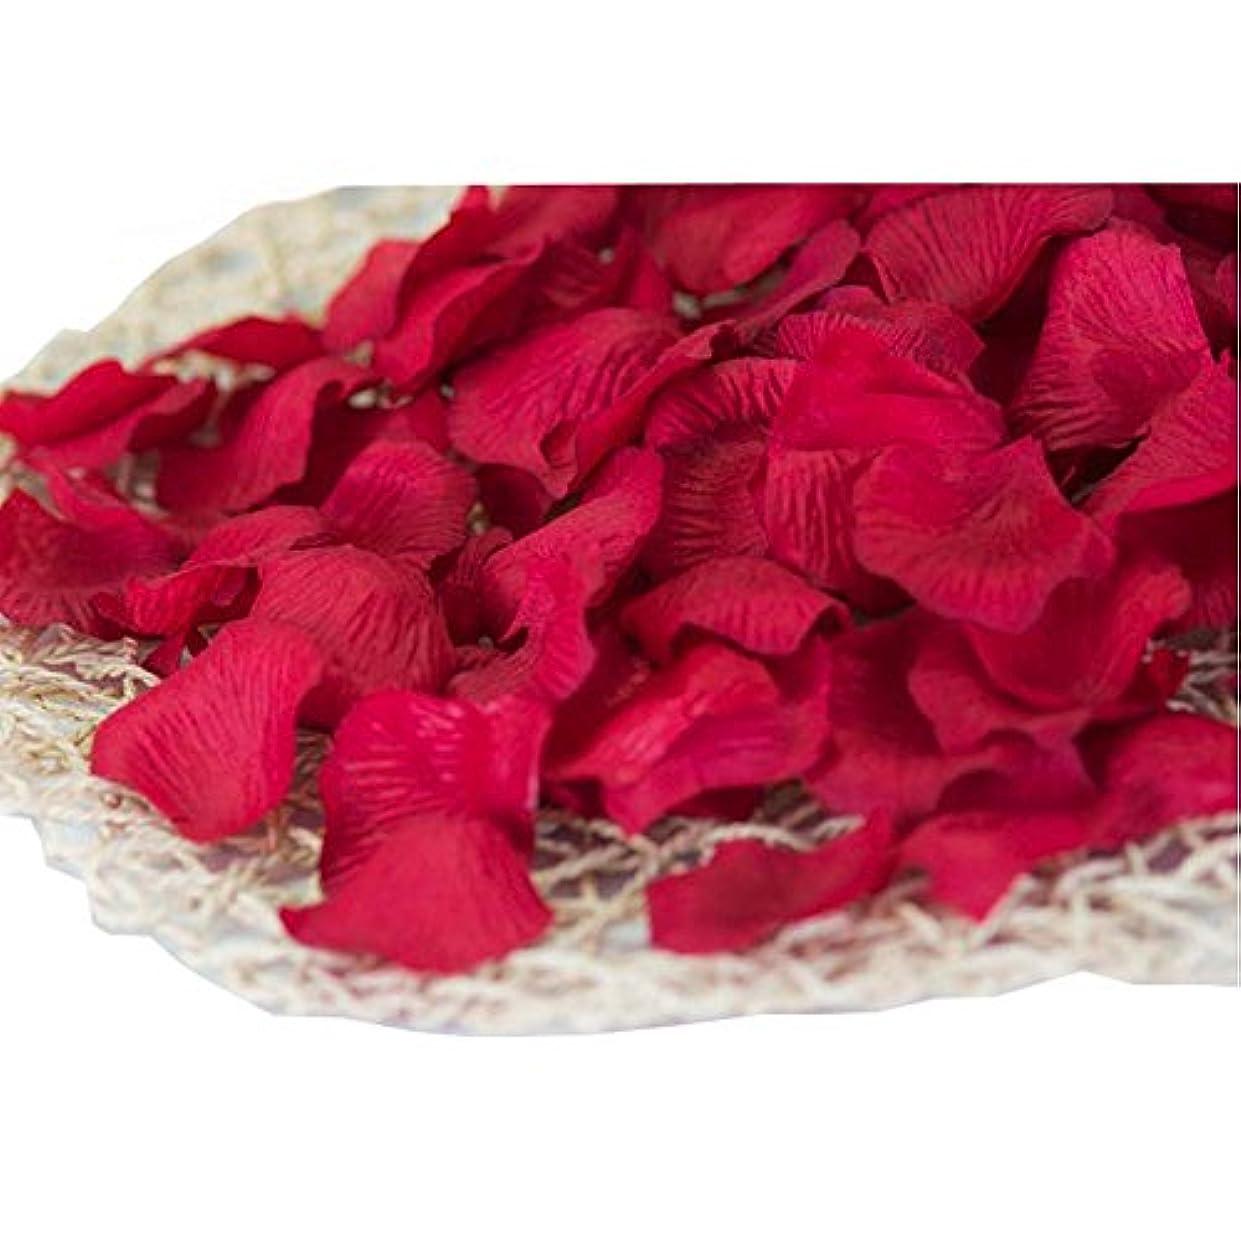 処方する俳句キリン840の結婚式のための暗赤色の人工ローズフラワーの花びら